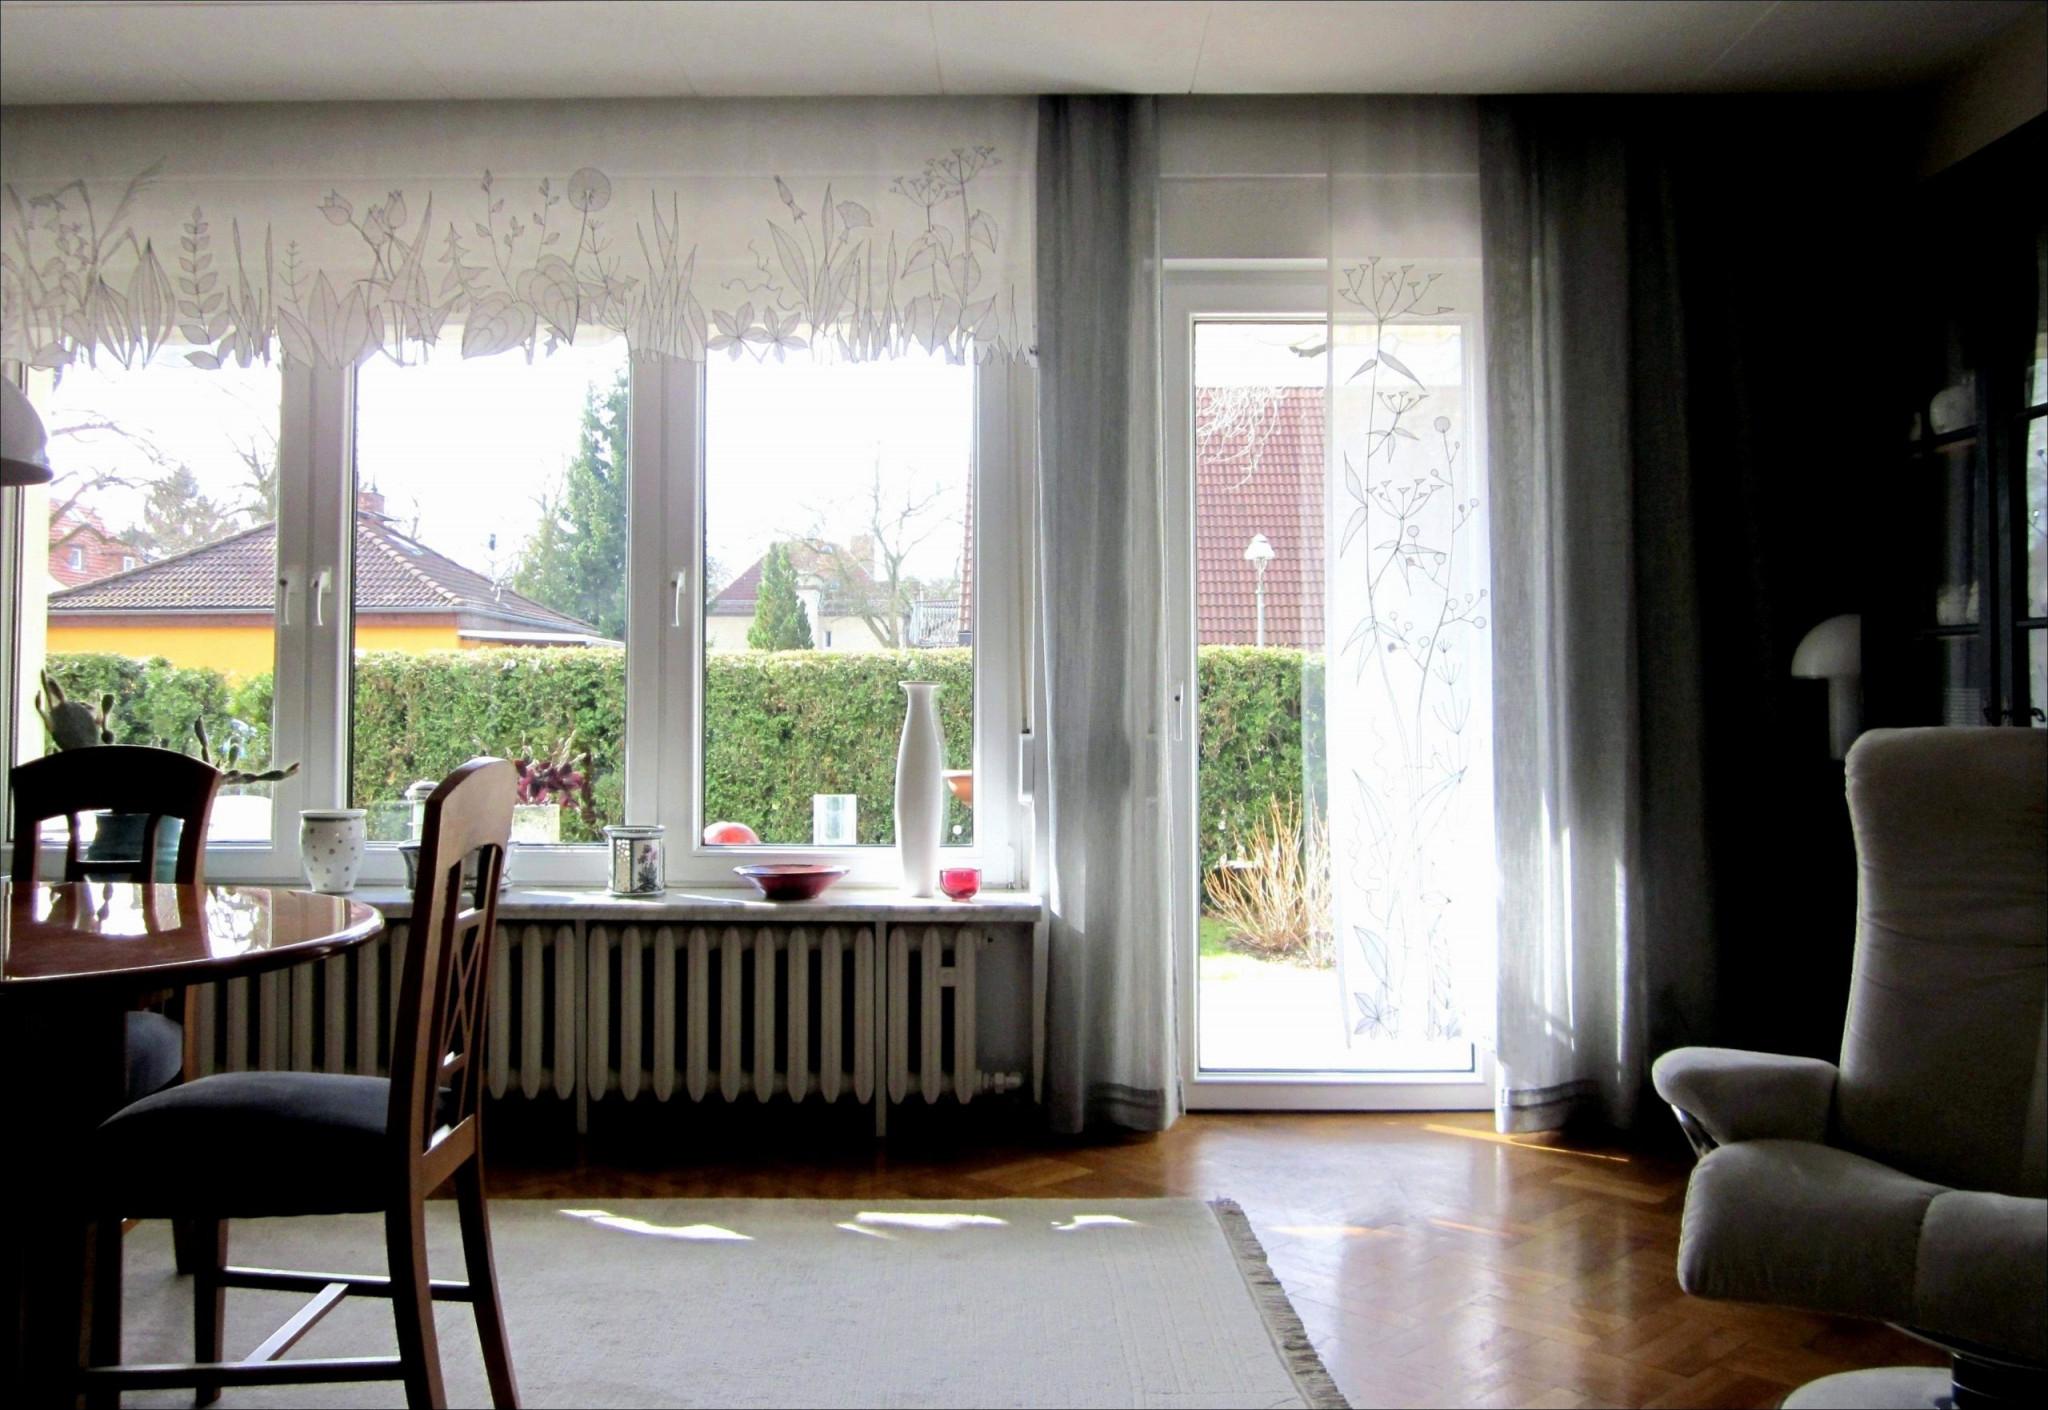 Wohnzimmer Gardinen Kurz Das Beste Von Kurze Gardinen von Kurze Gardinen Wohnzimmer Bild